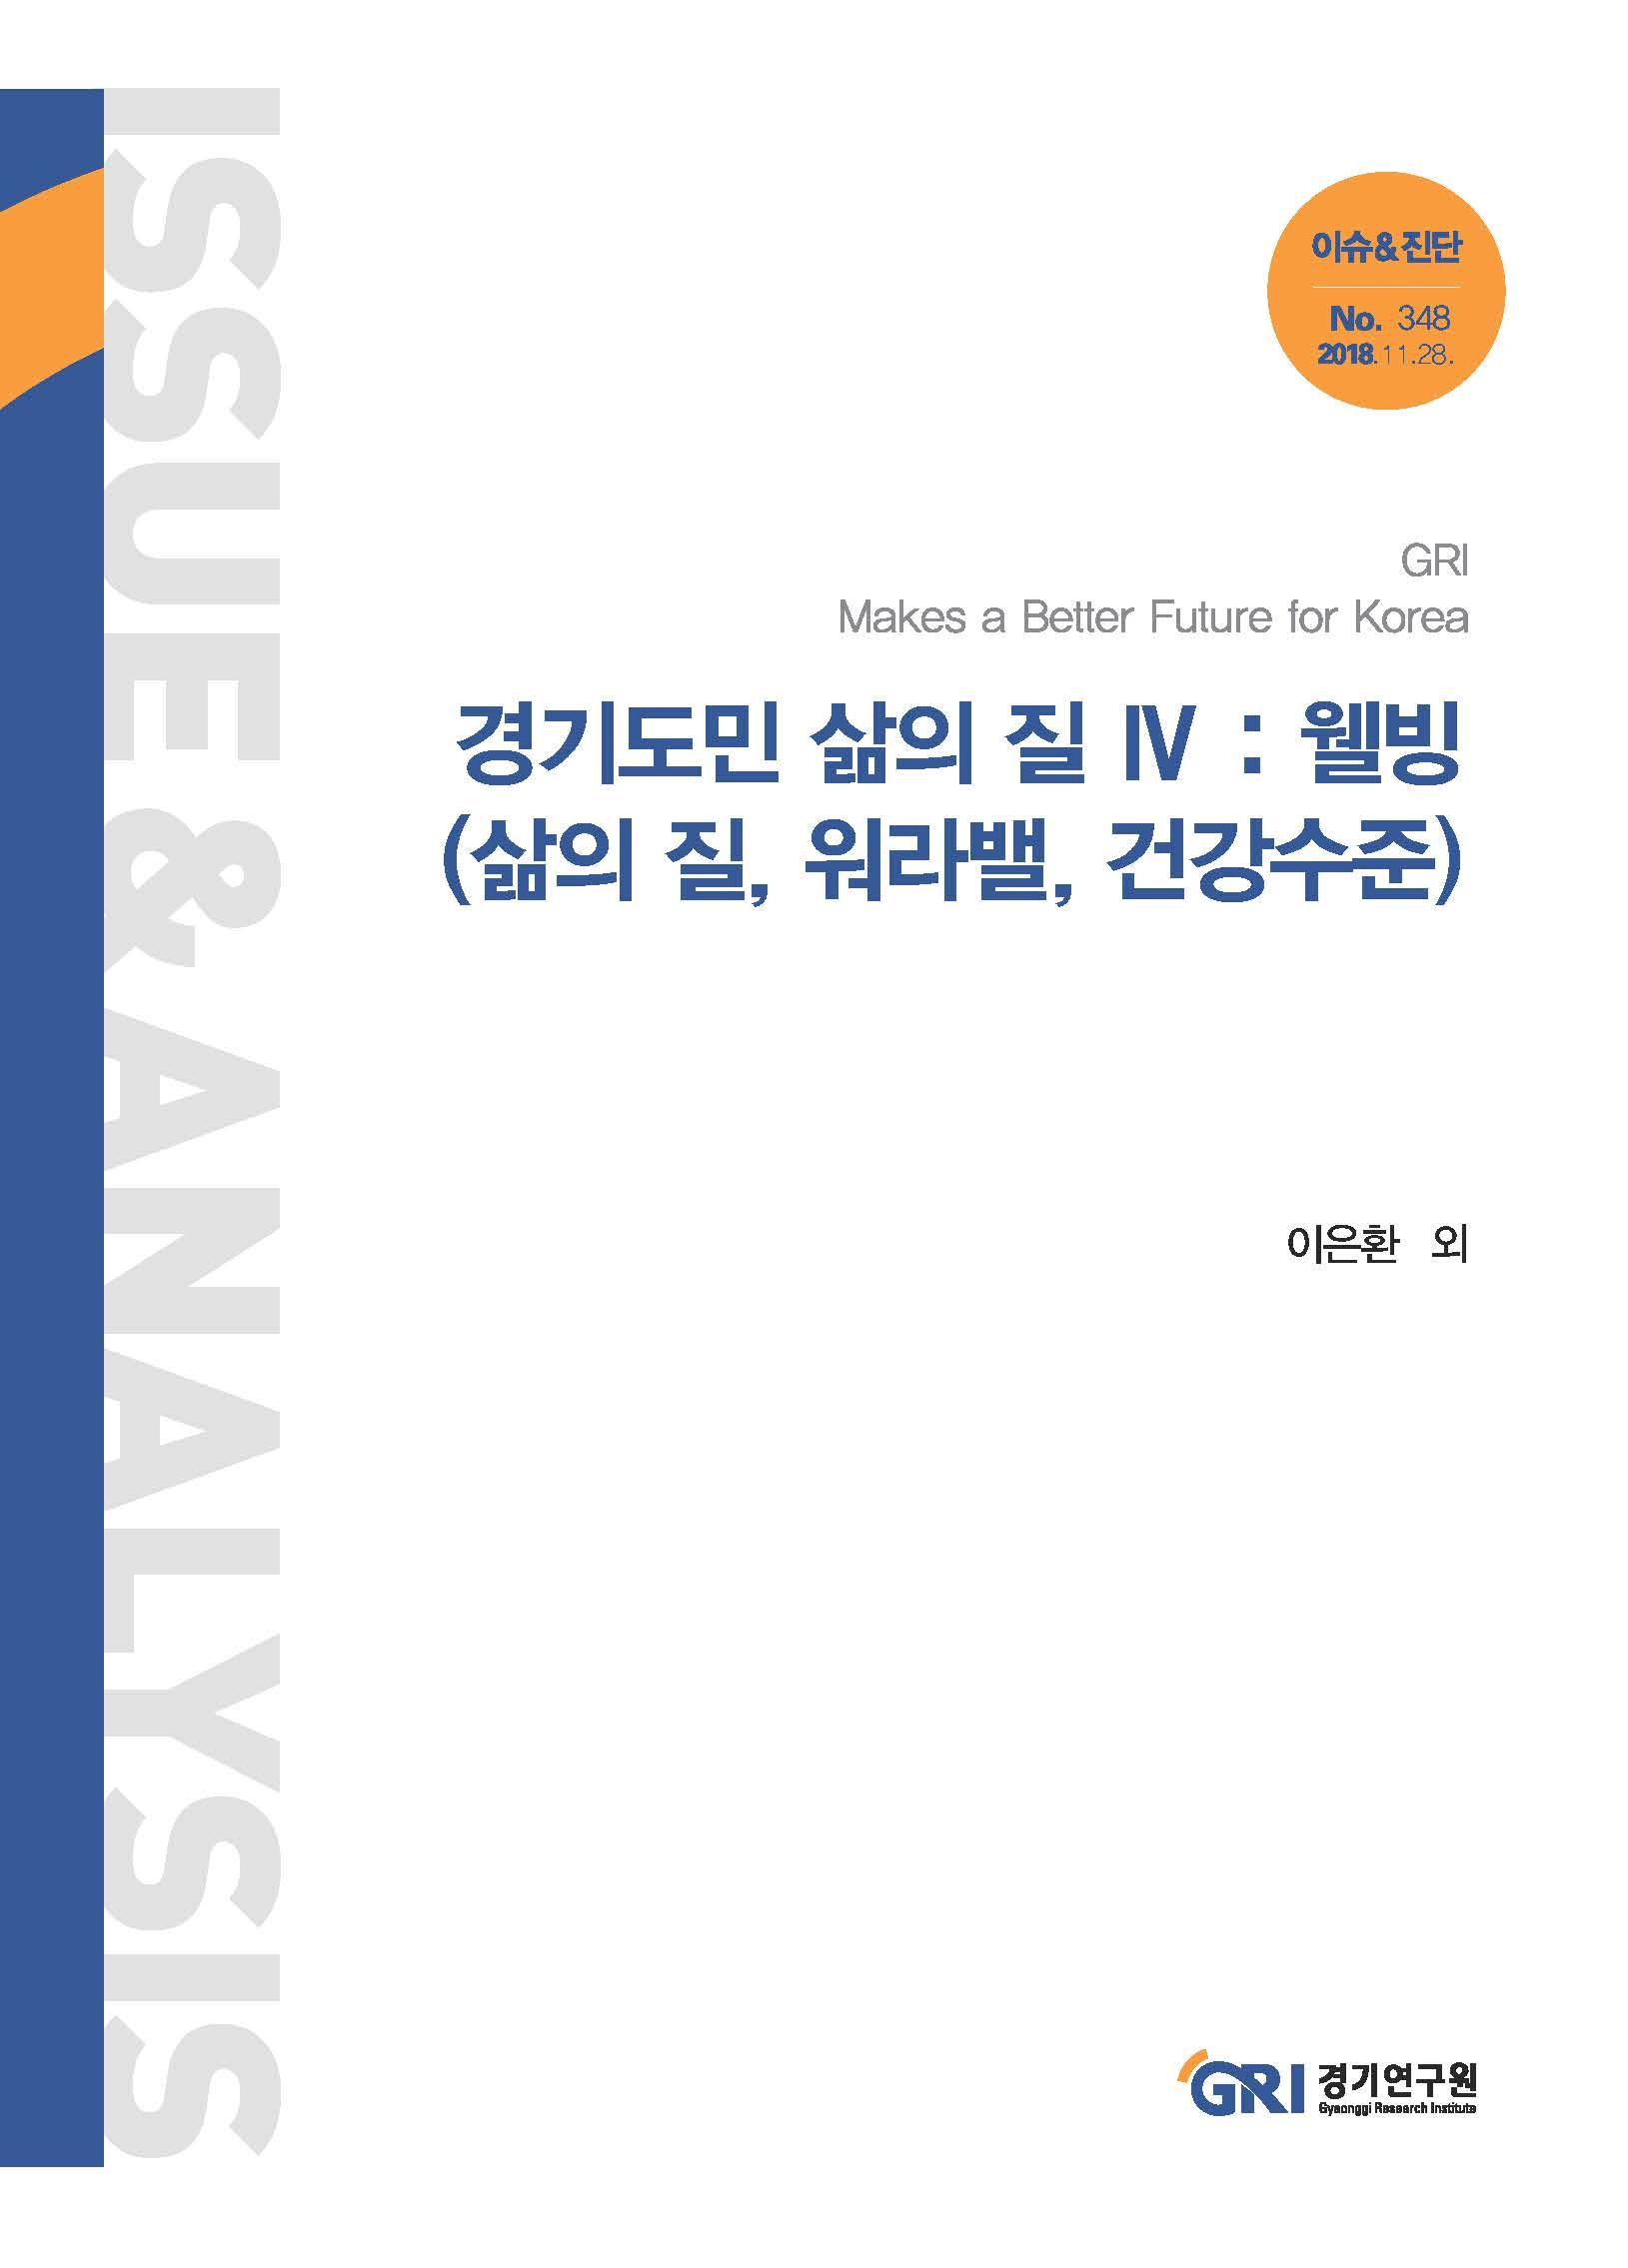 경기도민 삶의 질 Ⅳ : 웰빙(삶의 질, 워라밸, 건강수준)